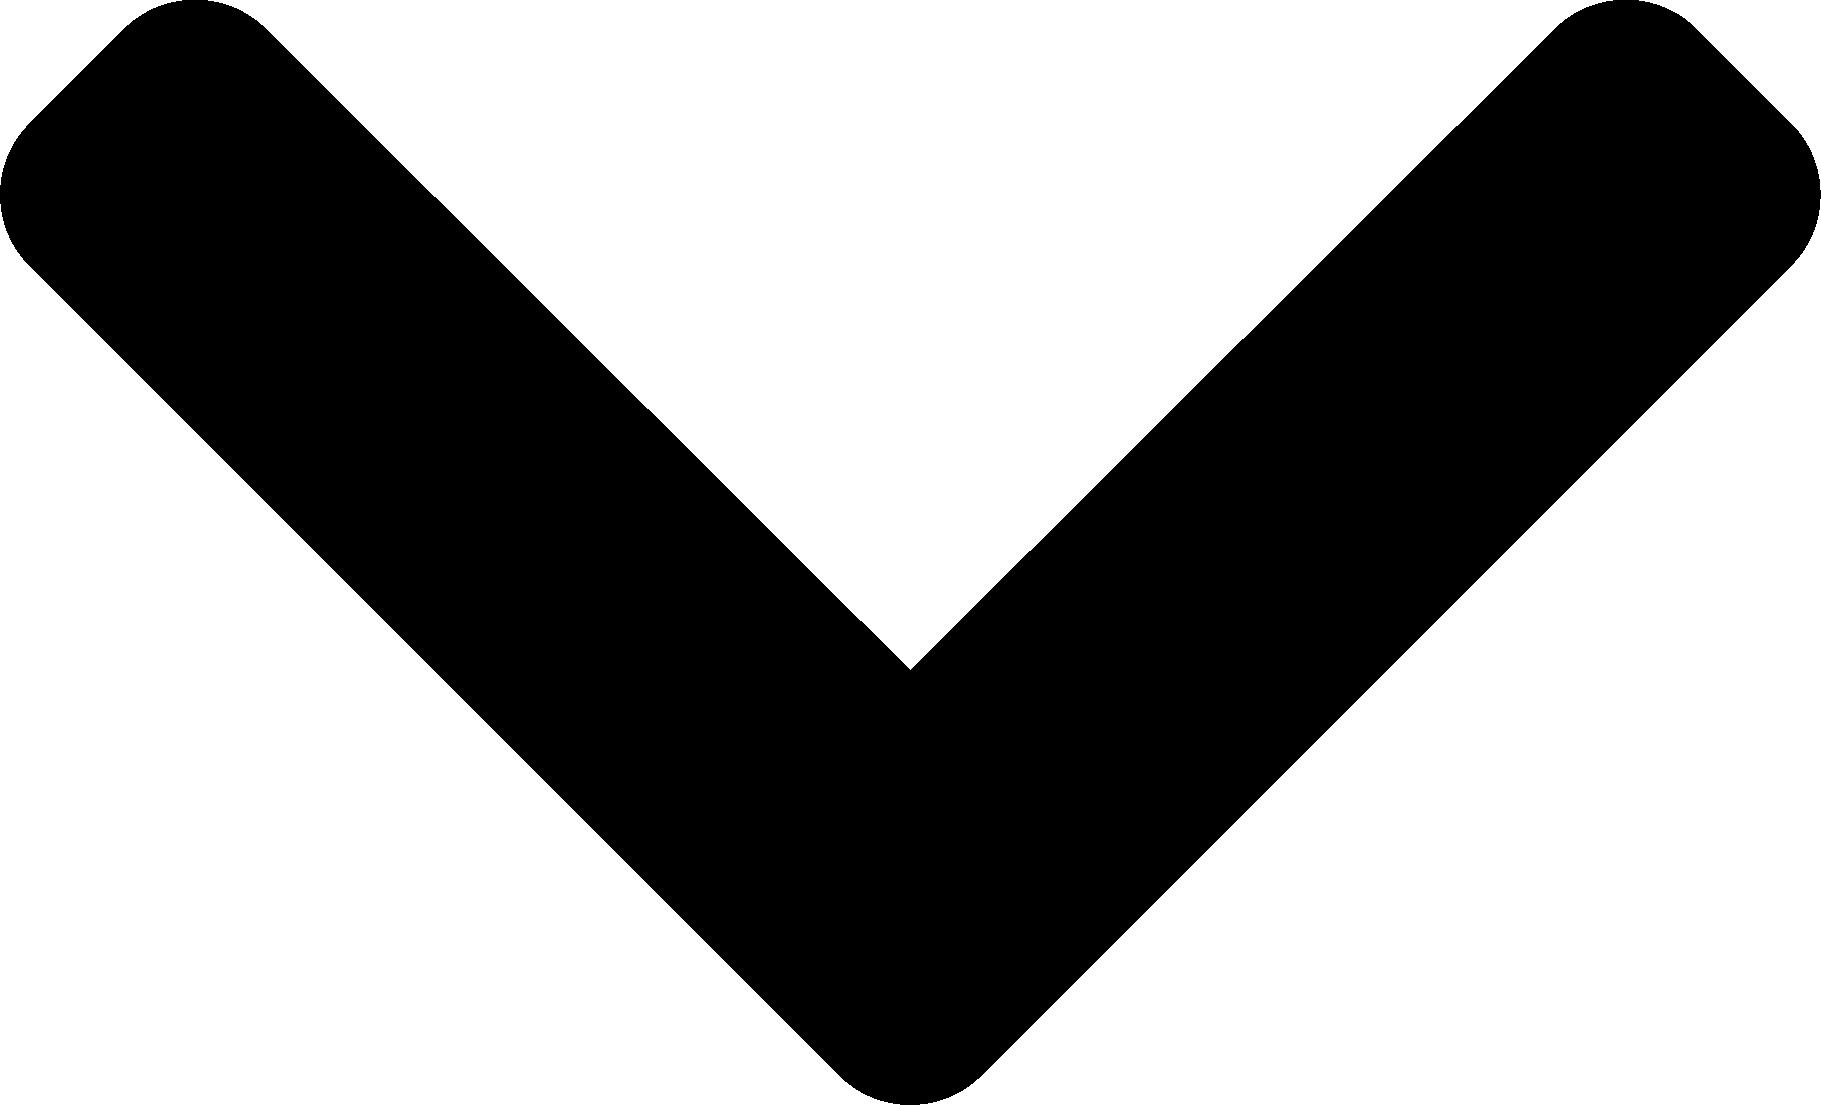 chevron-down-solid